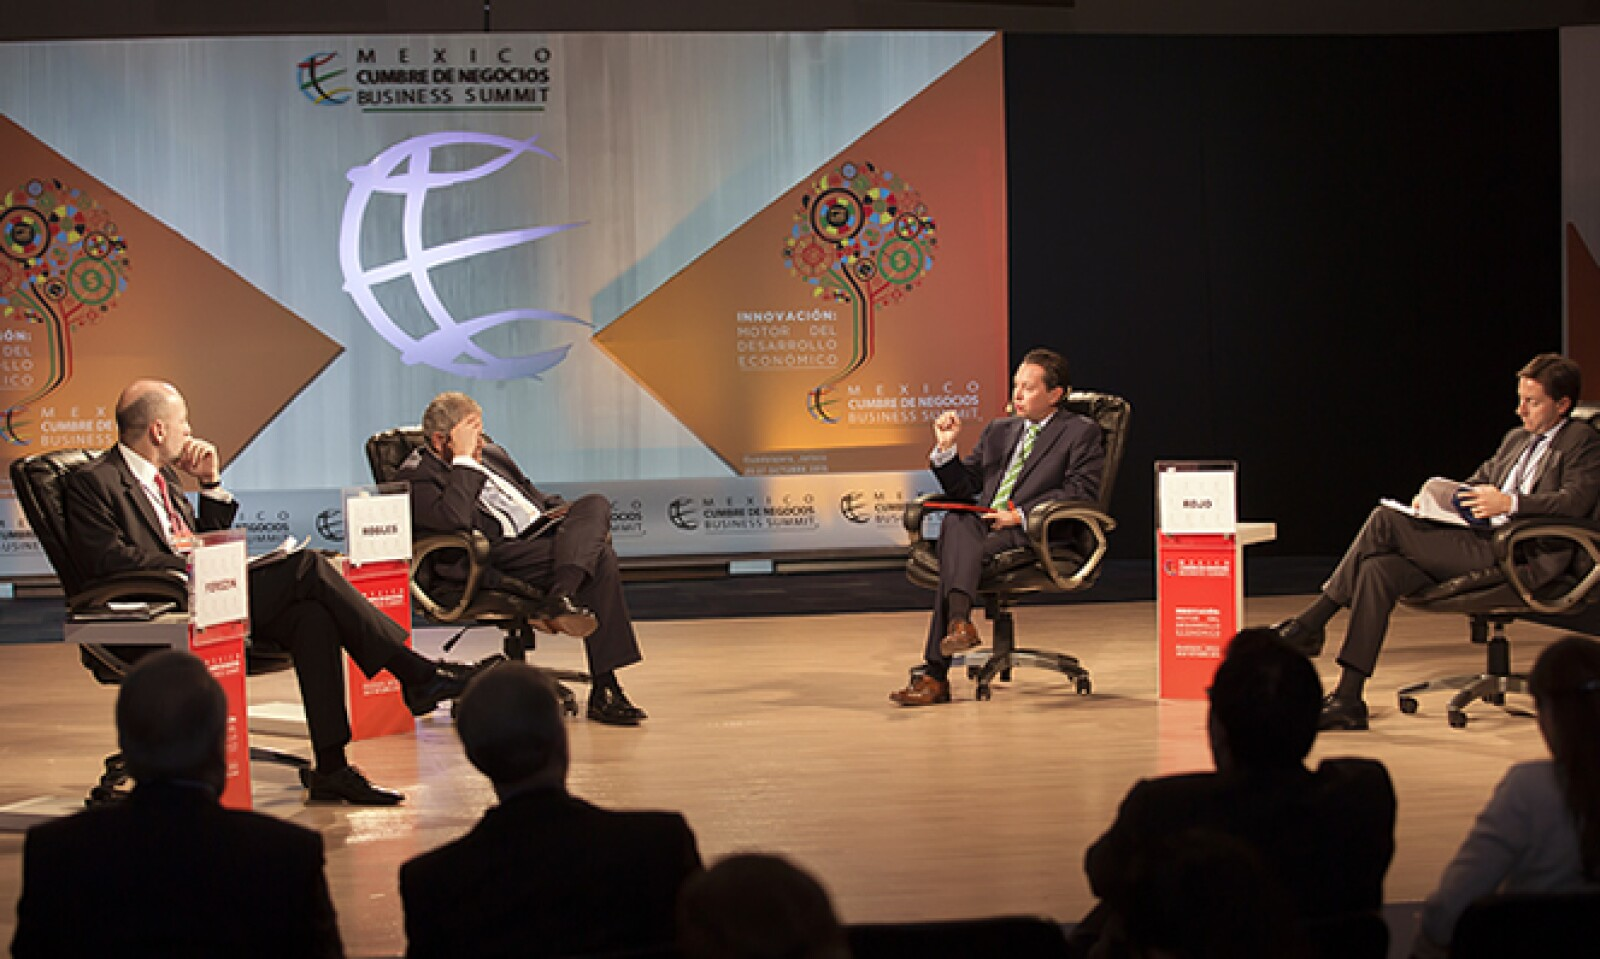 General Electric, el gobierno israelí y la Secretaría de Estado de EU compartieron sus experiencias en la Cumbre de Negocios 2015.